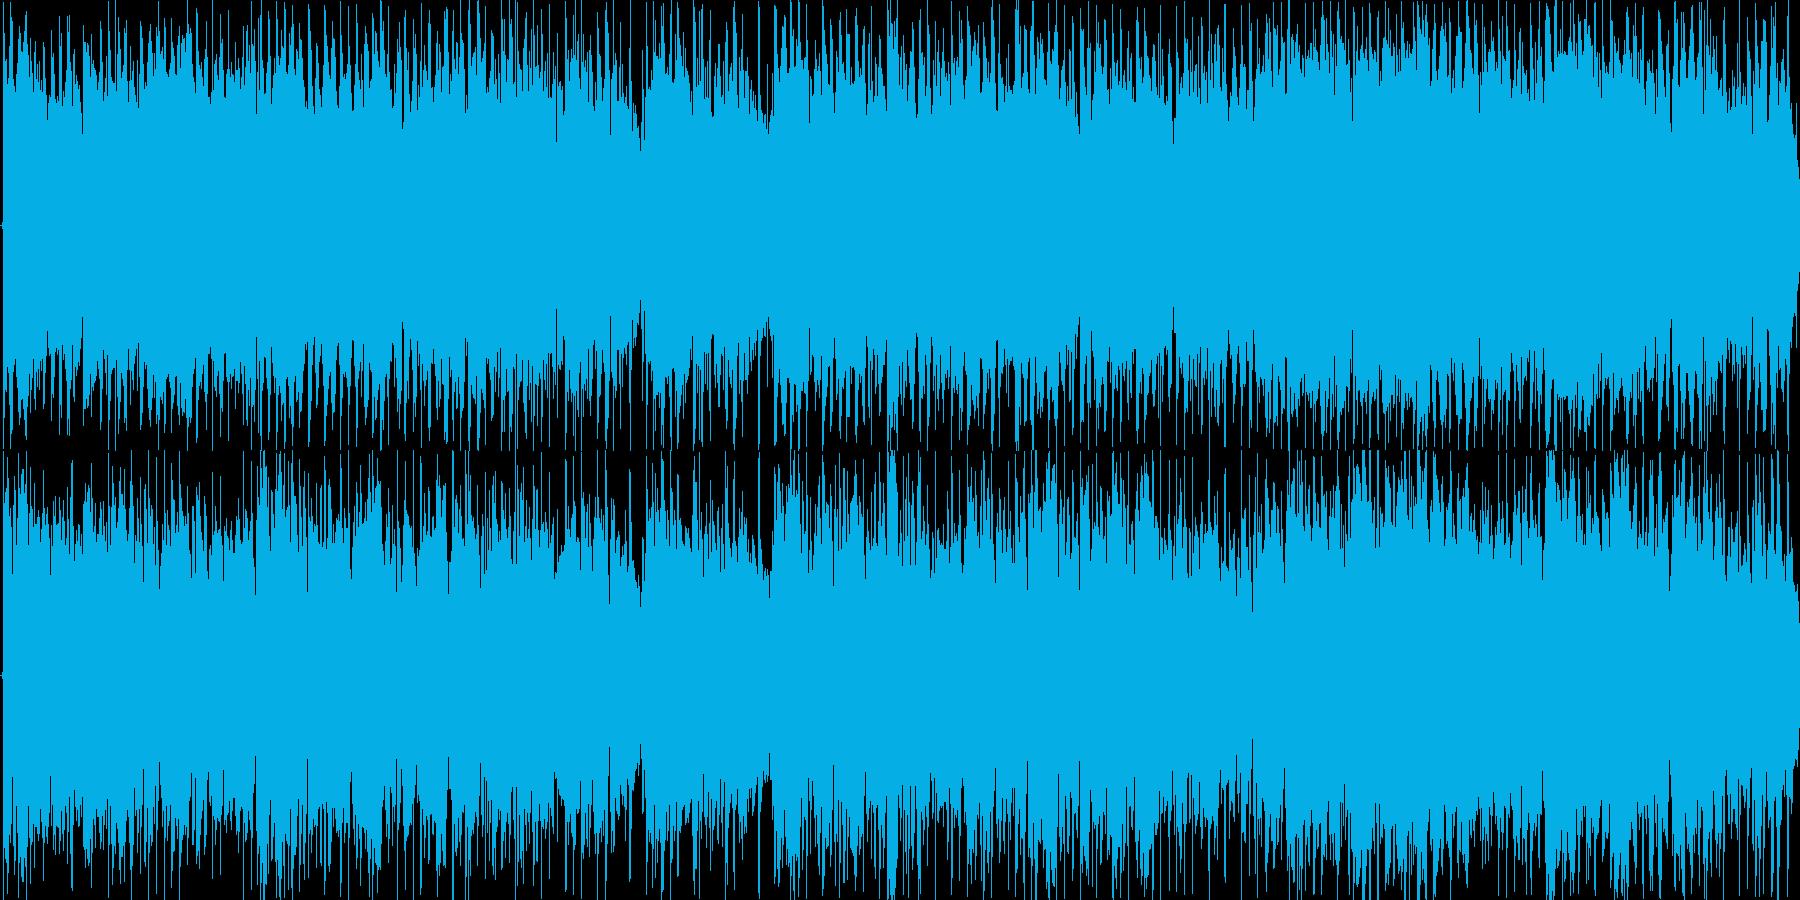 優しいアコースティックギターLOOPの再生済みの波形